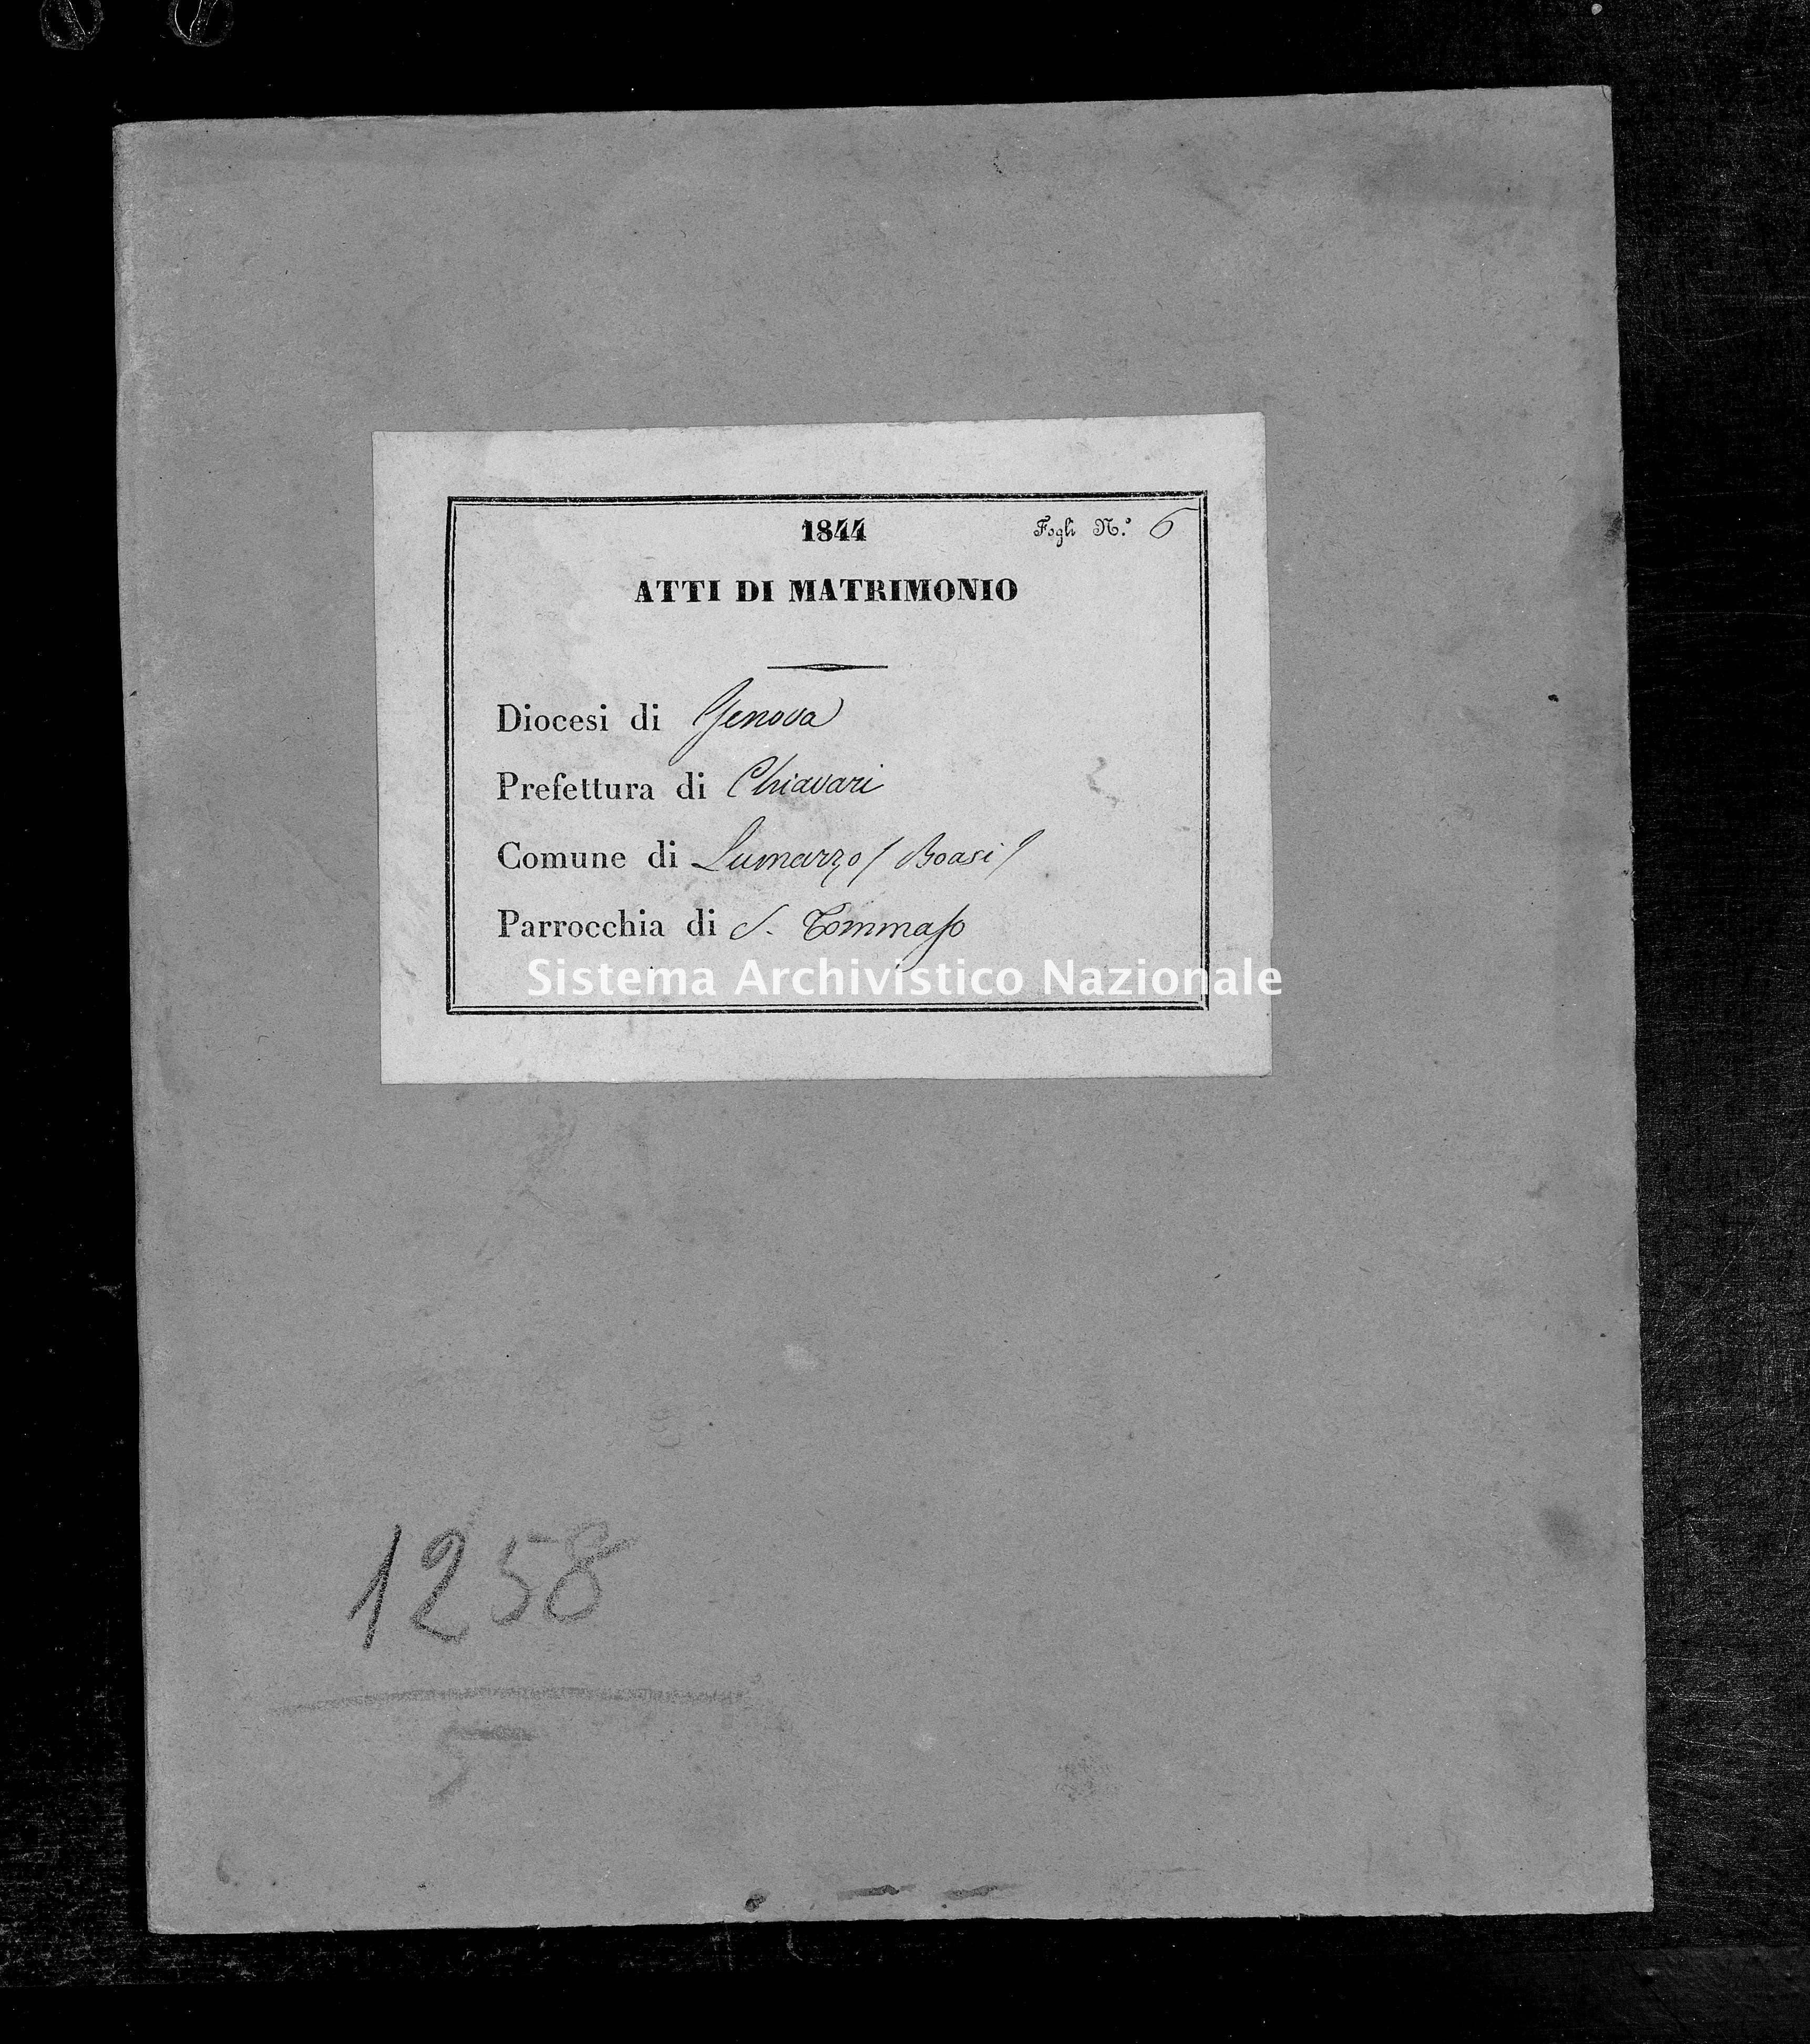 Archivio di stato di Genova - Stato civile della restaurazione - Boasi - Matrimoni - 1844 - 77-78 -